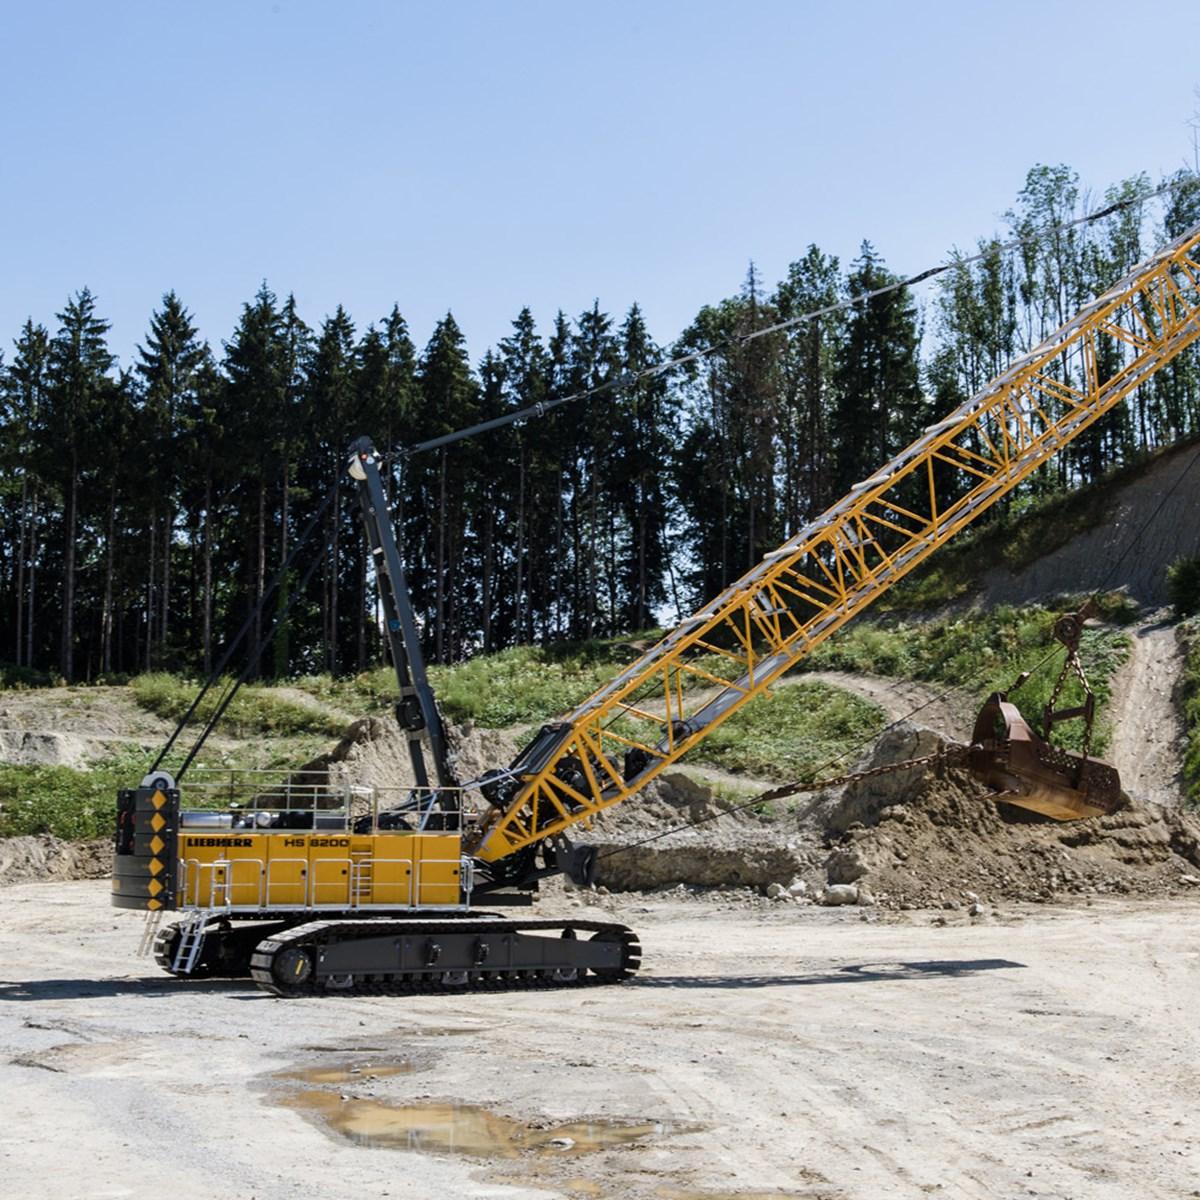 liebherr-hs-8200-seilbagger-duty-cycle-crawler-crane-dragline-schuerfkuebel-5.jpg